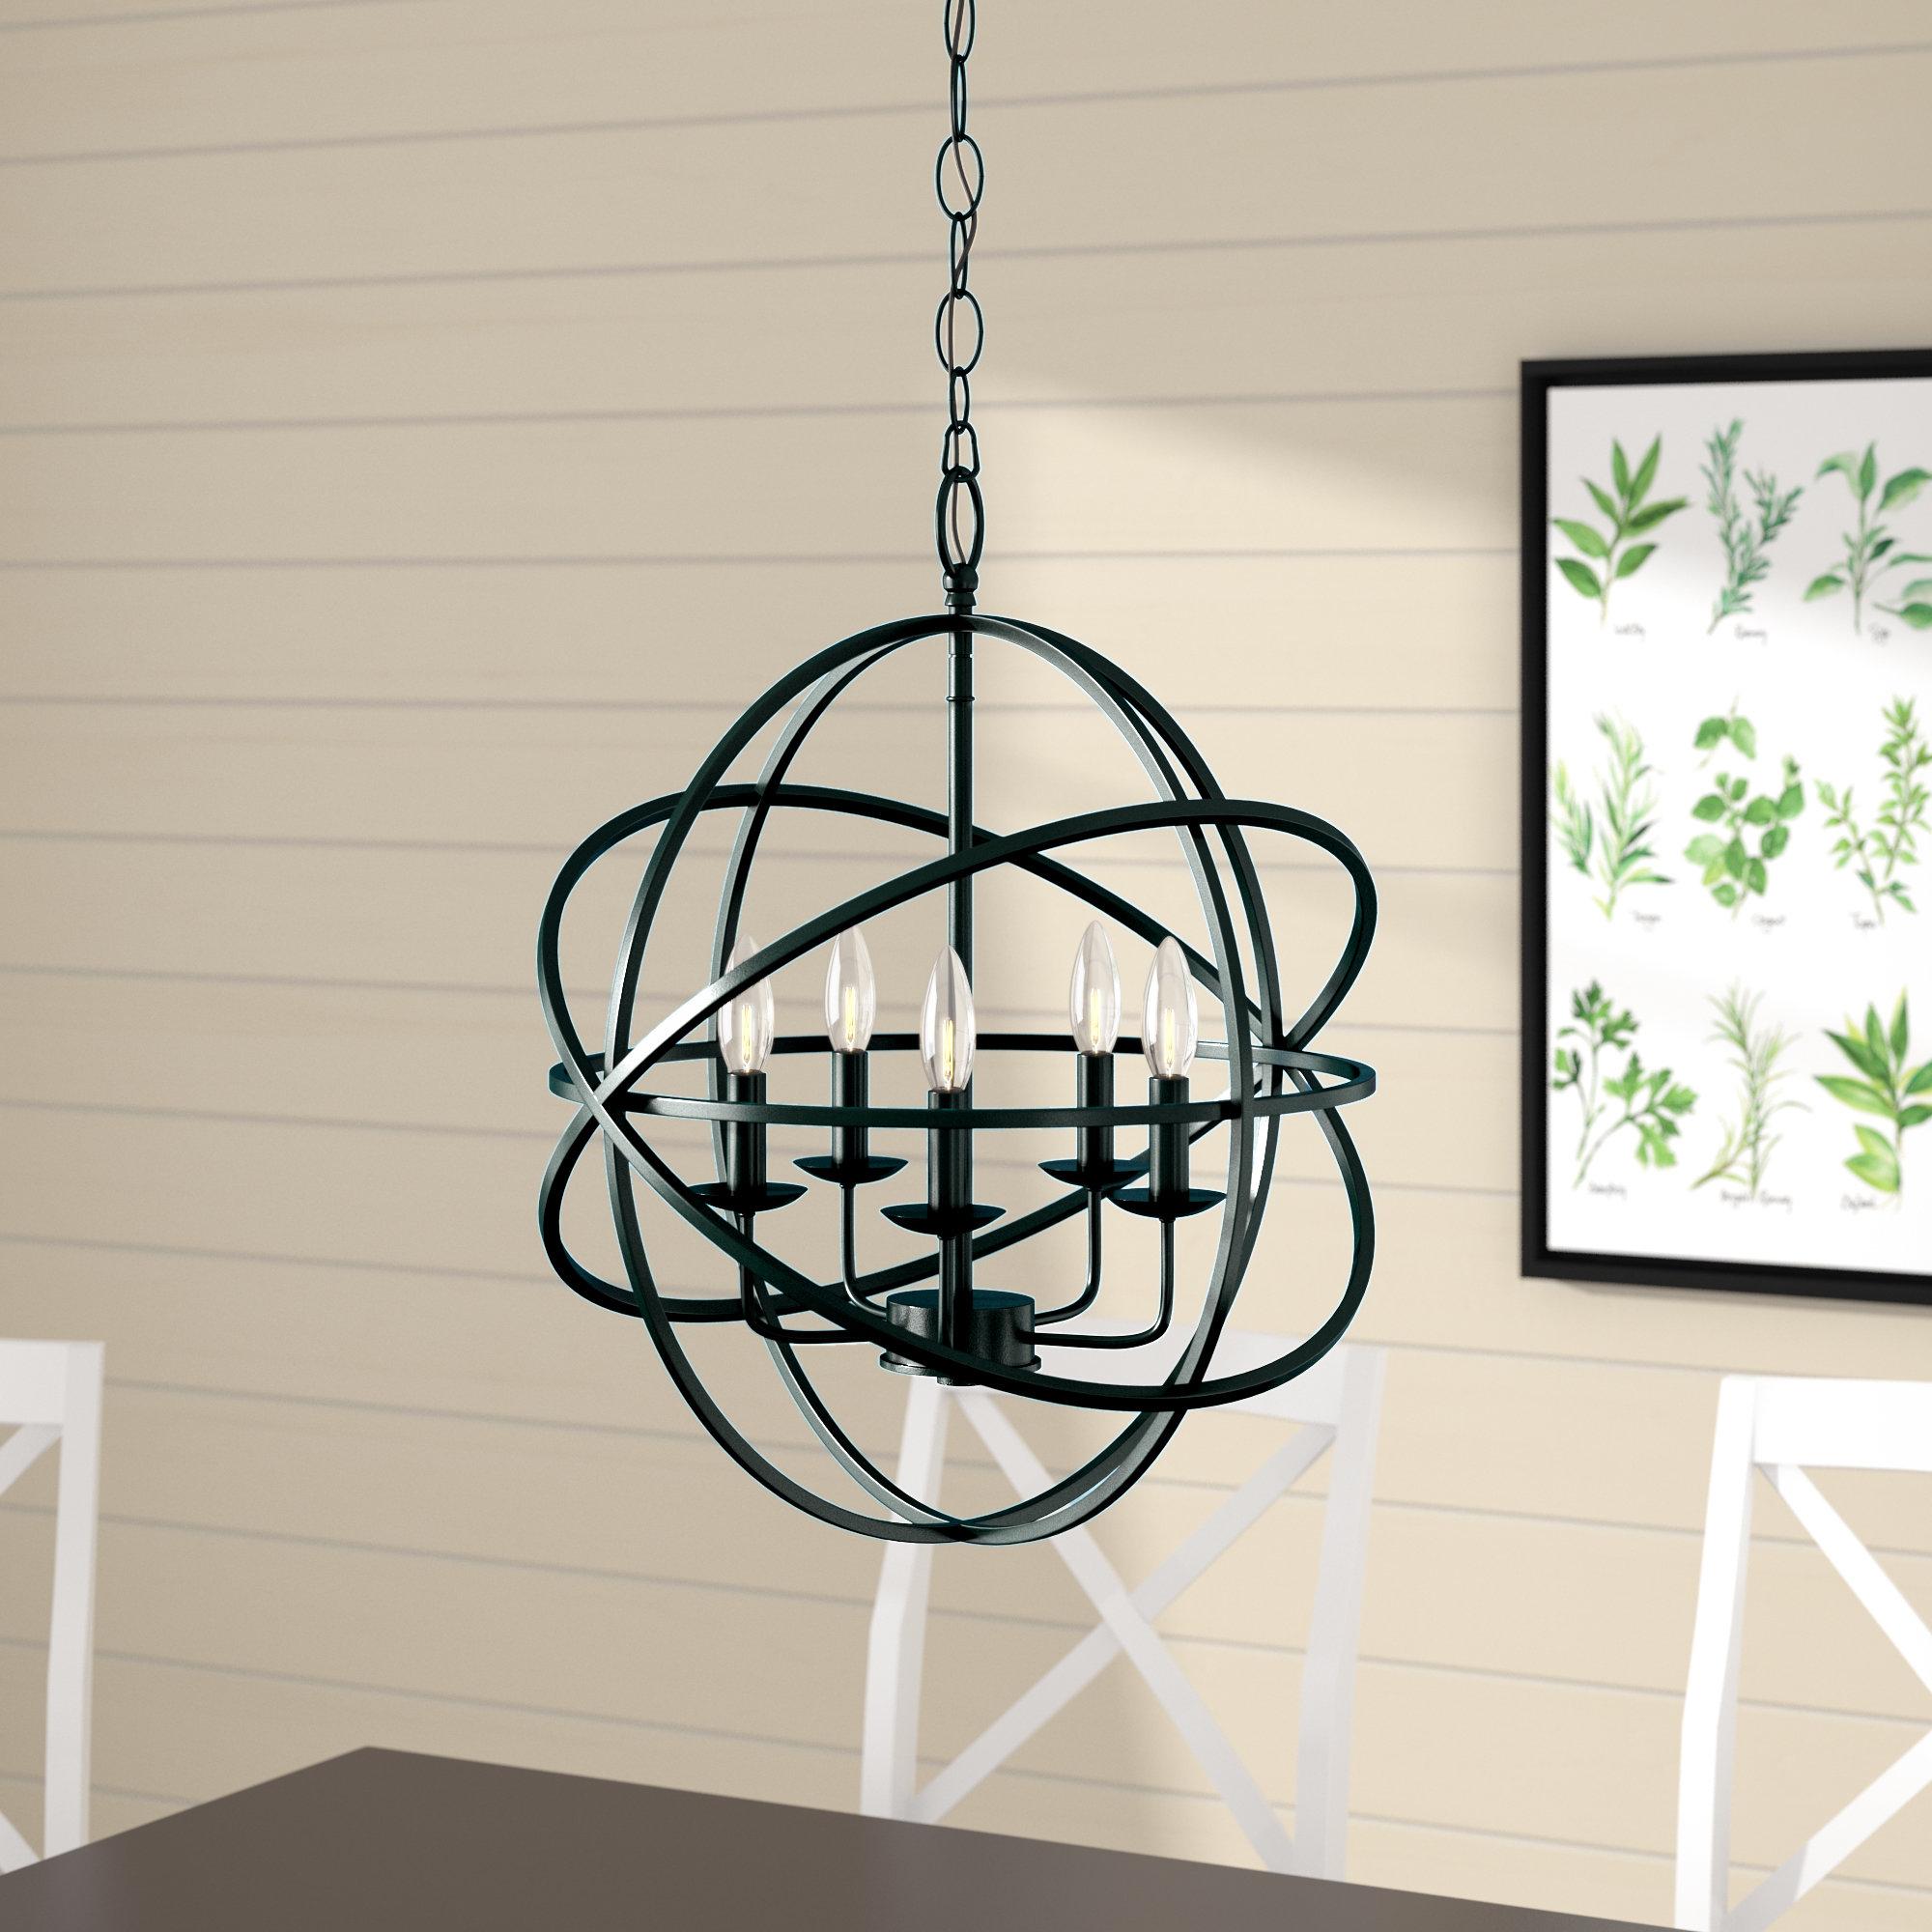 Hankinson 5-Light Globe Chandelier in Shipststour 3-Light Globe Chandeliers (Image 17 of 30)